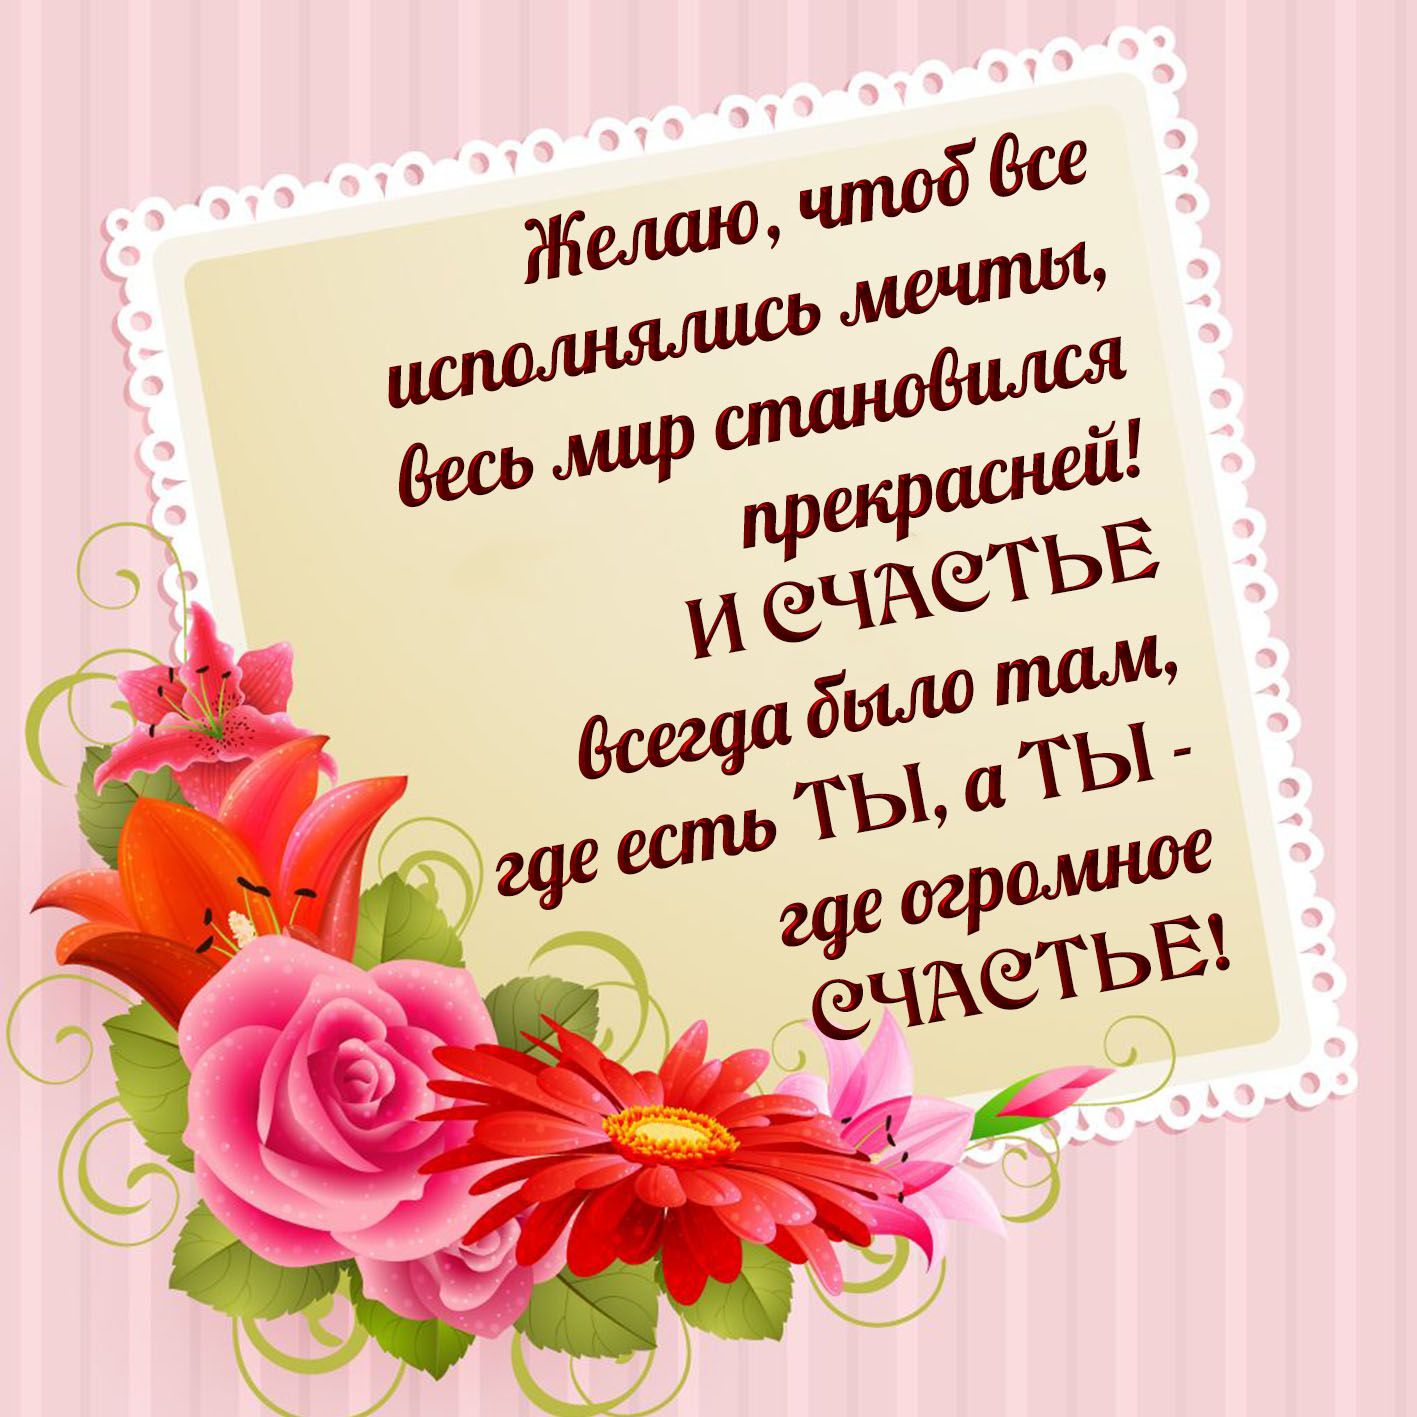 Открытка - пожелание счастья на фоне с цветами